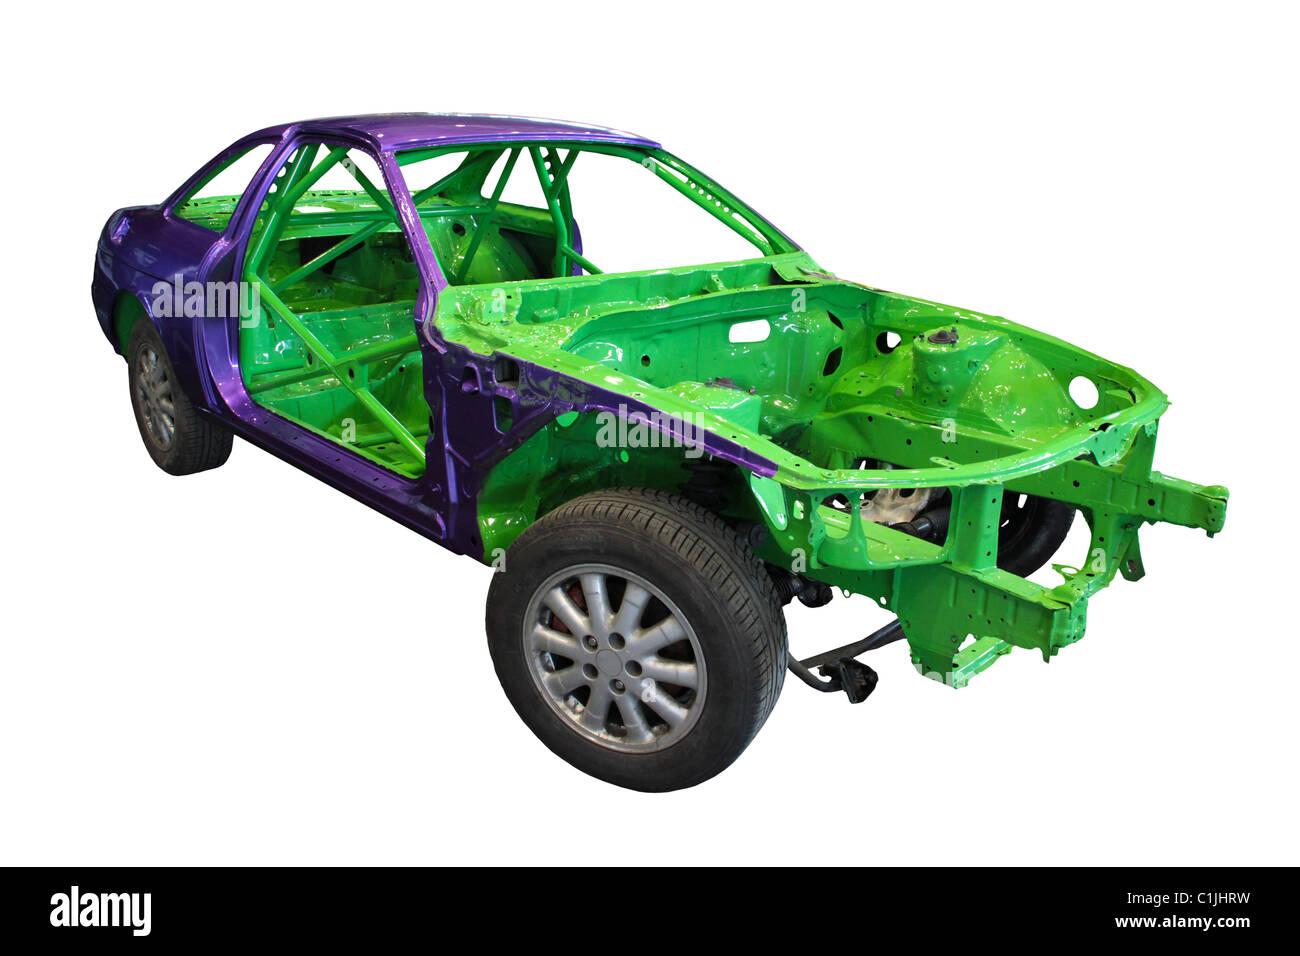 car body frame Stock Photo: 35444525 - Alamy